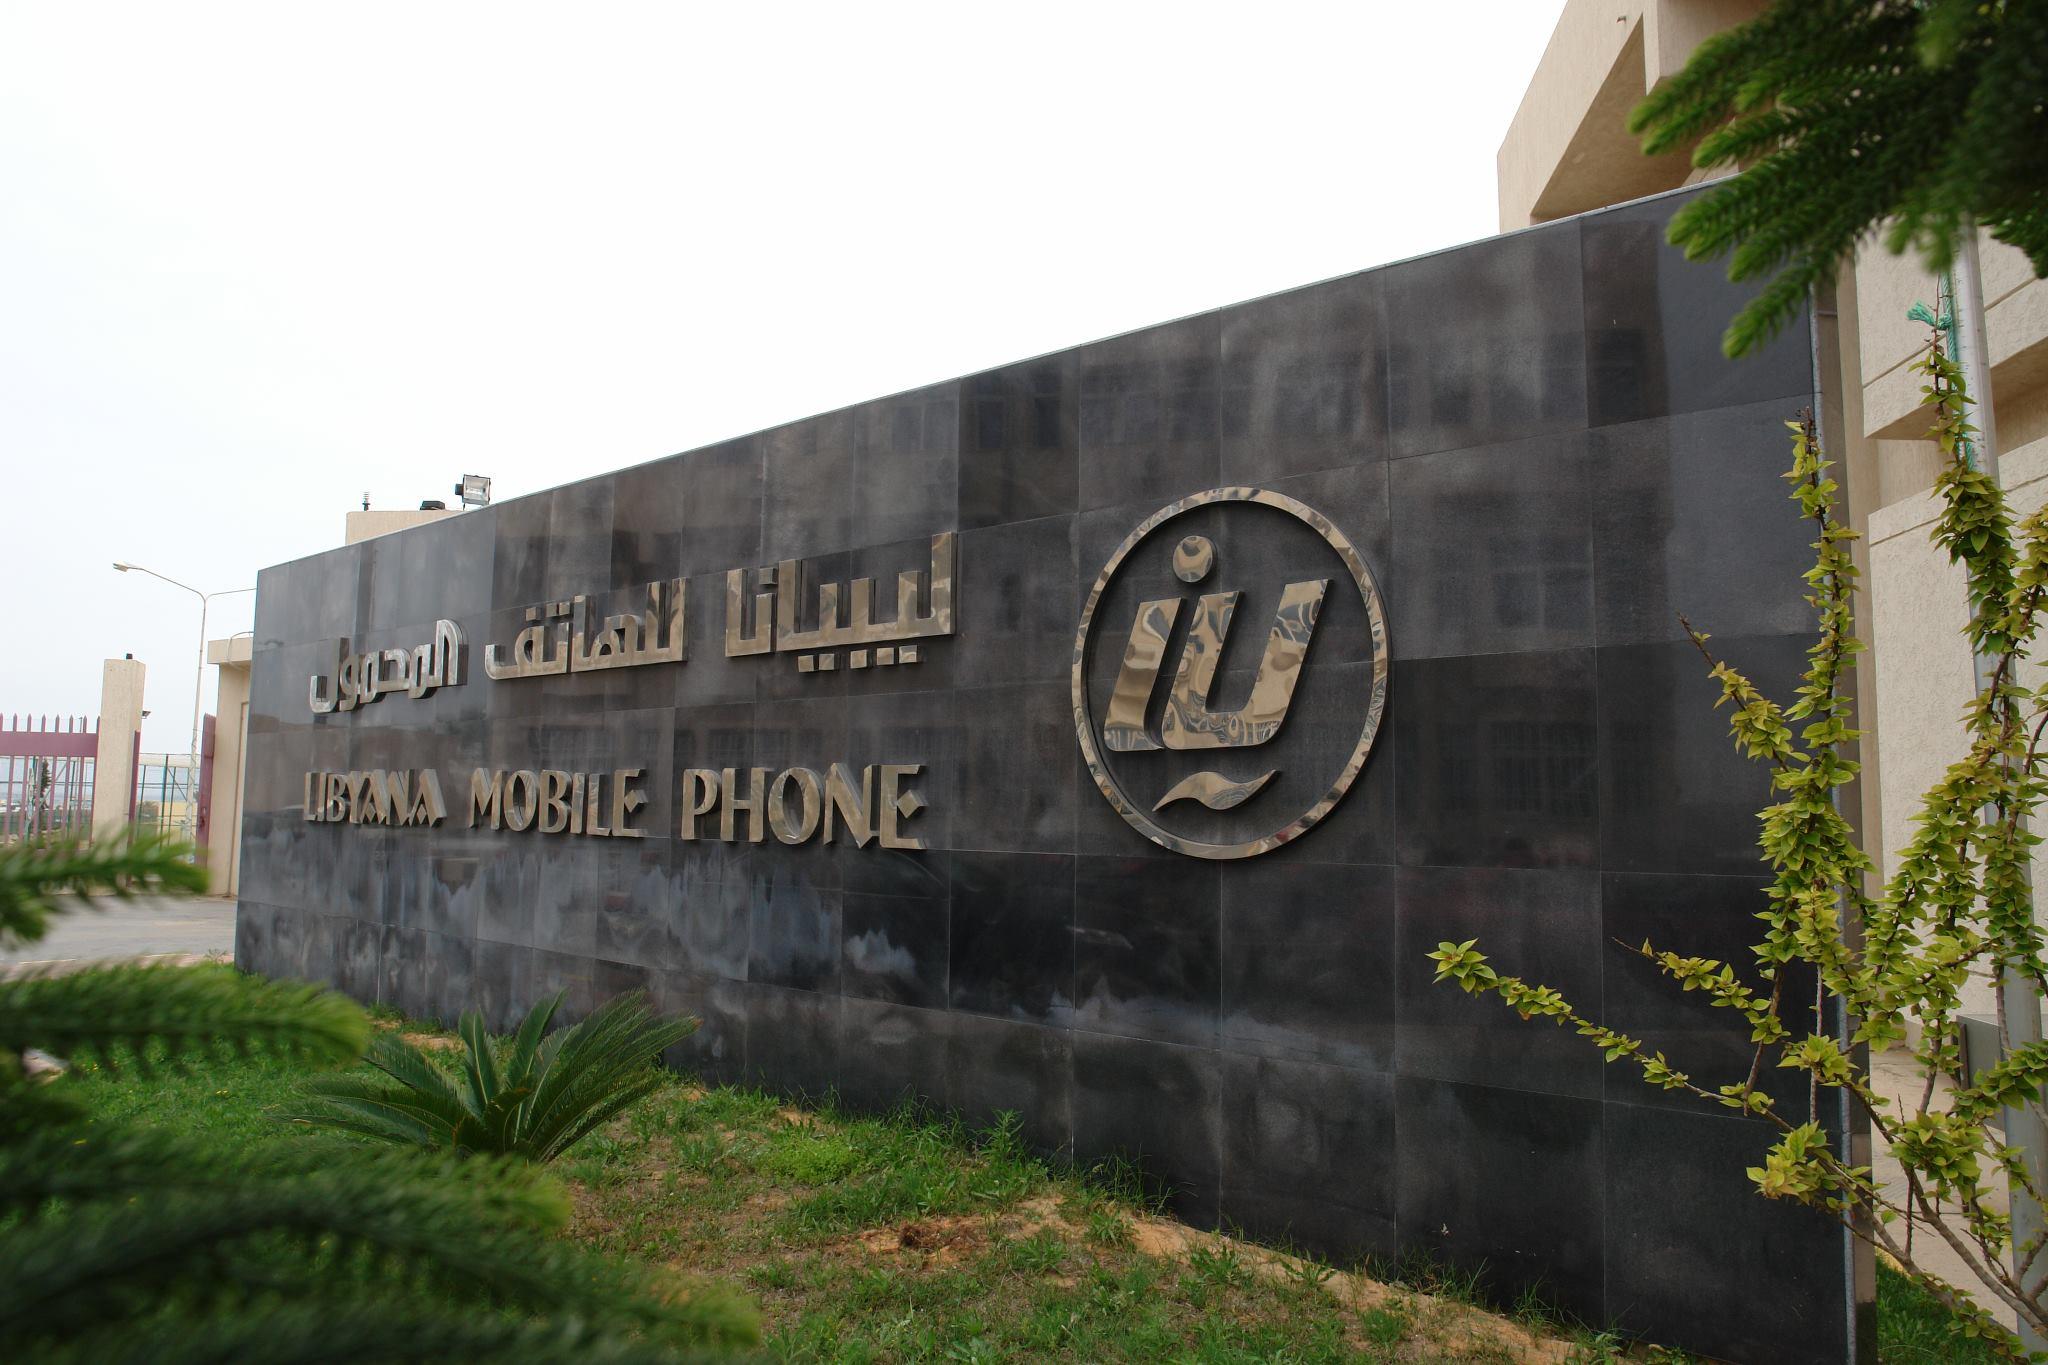 شركة ليبيانا